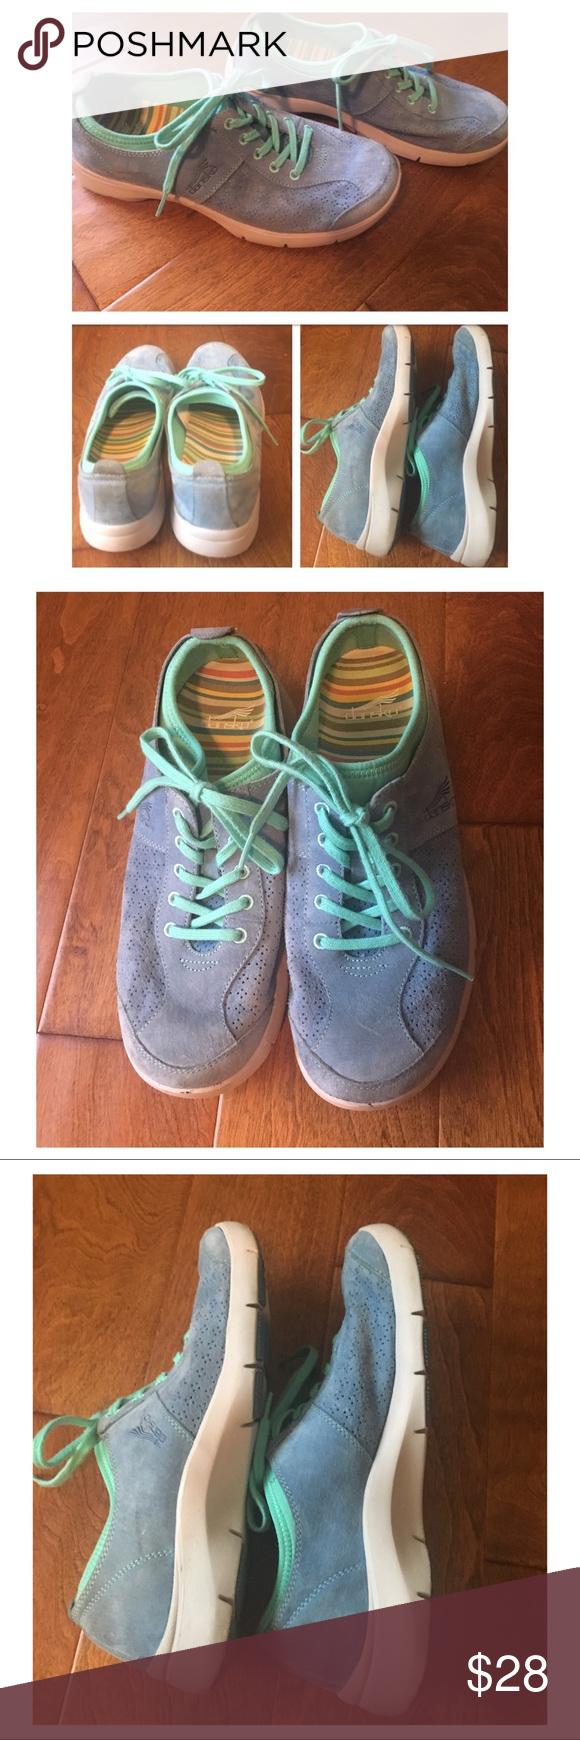 Slip Resistant Sneakers | Blue suede